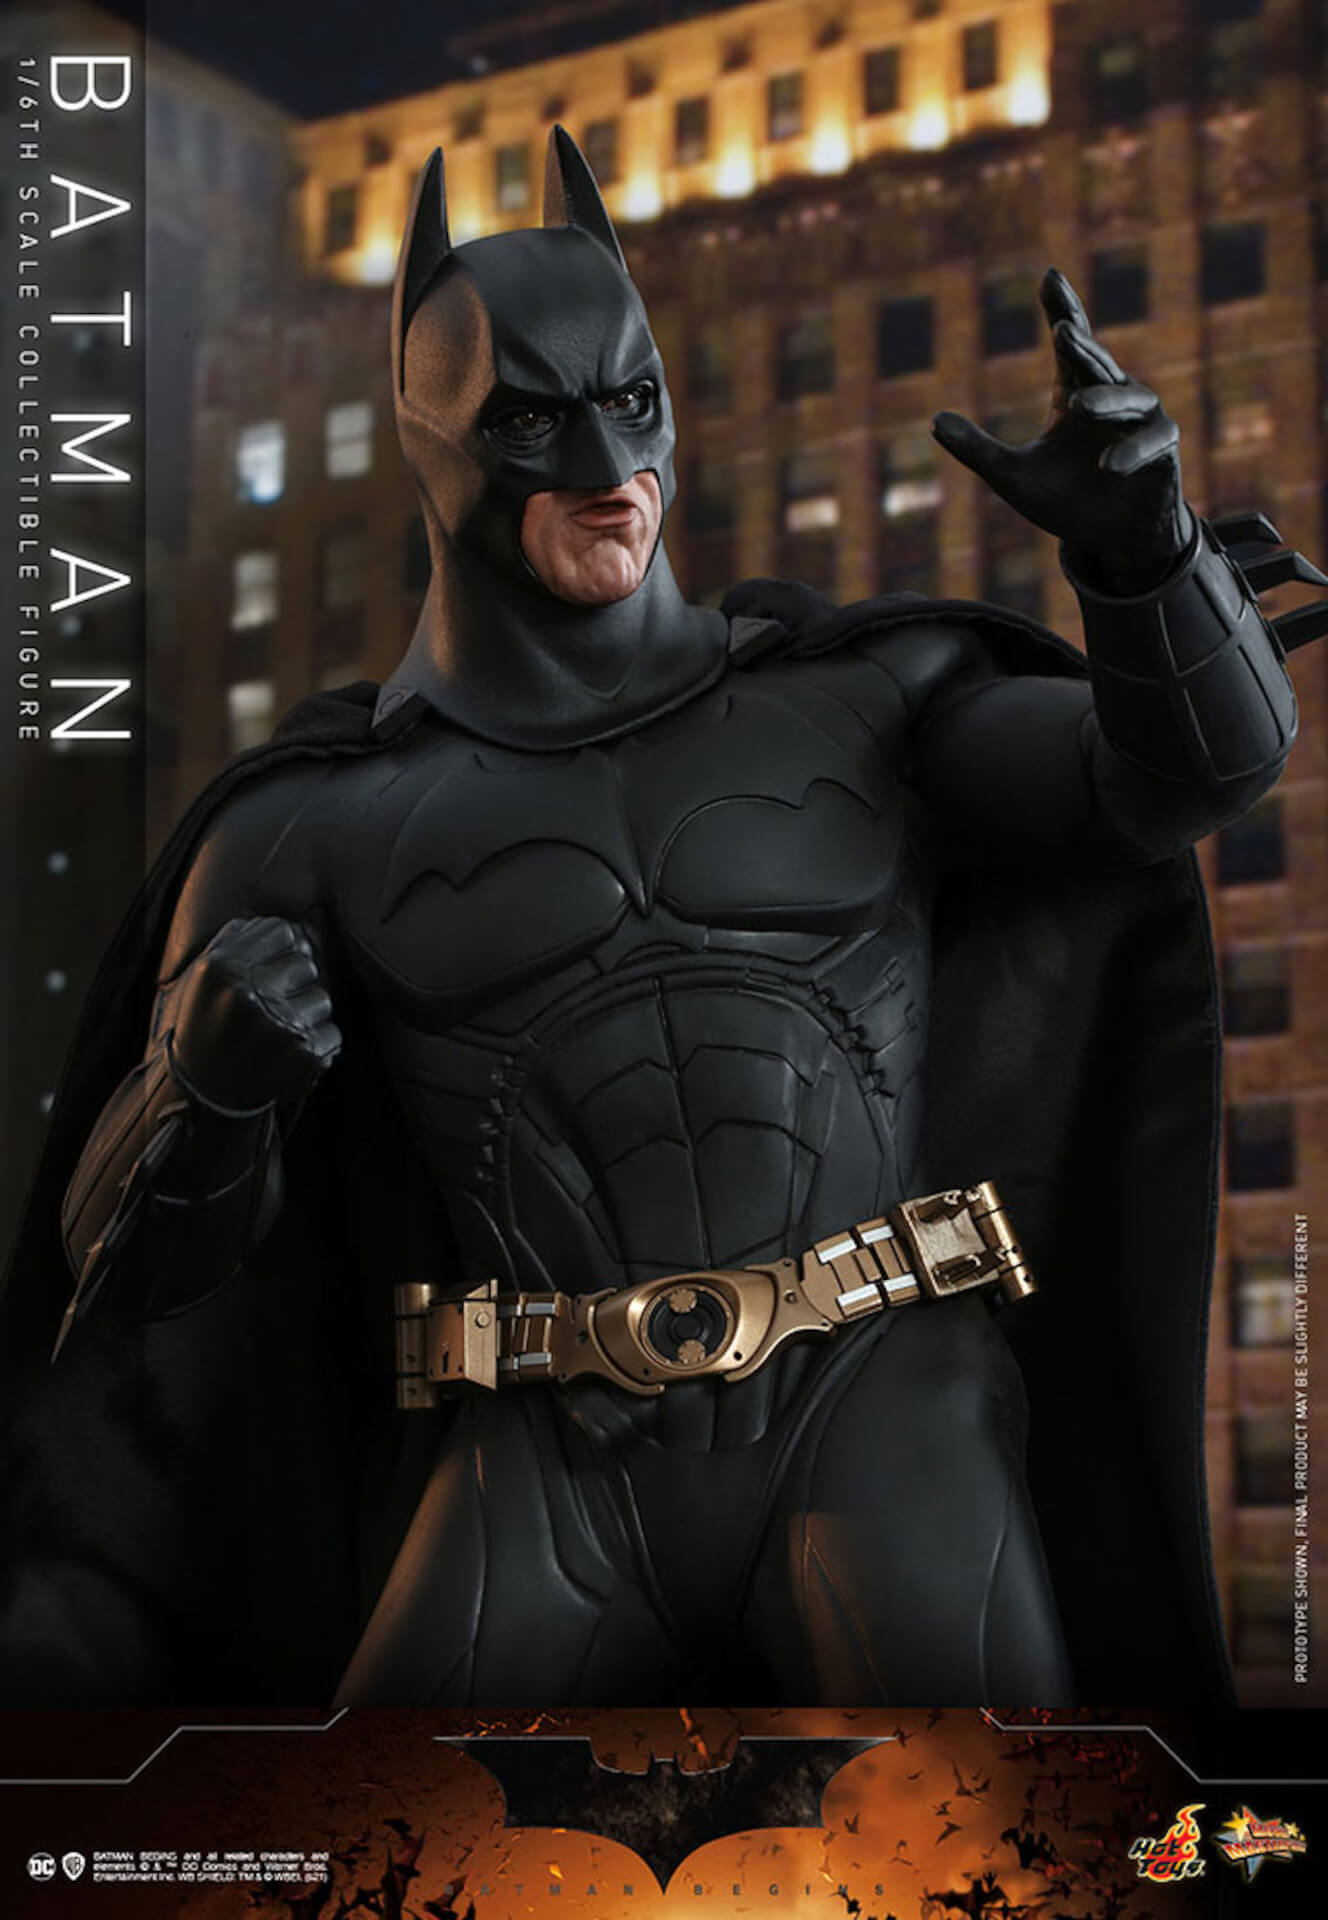 『バットマン ビギンズ』のバットマン&バットモービルが超精巧なフィギュアに!ホットトイズから発売決定 art210401_hottoys_batmanbegins_10